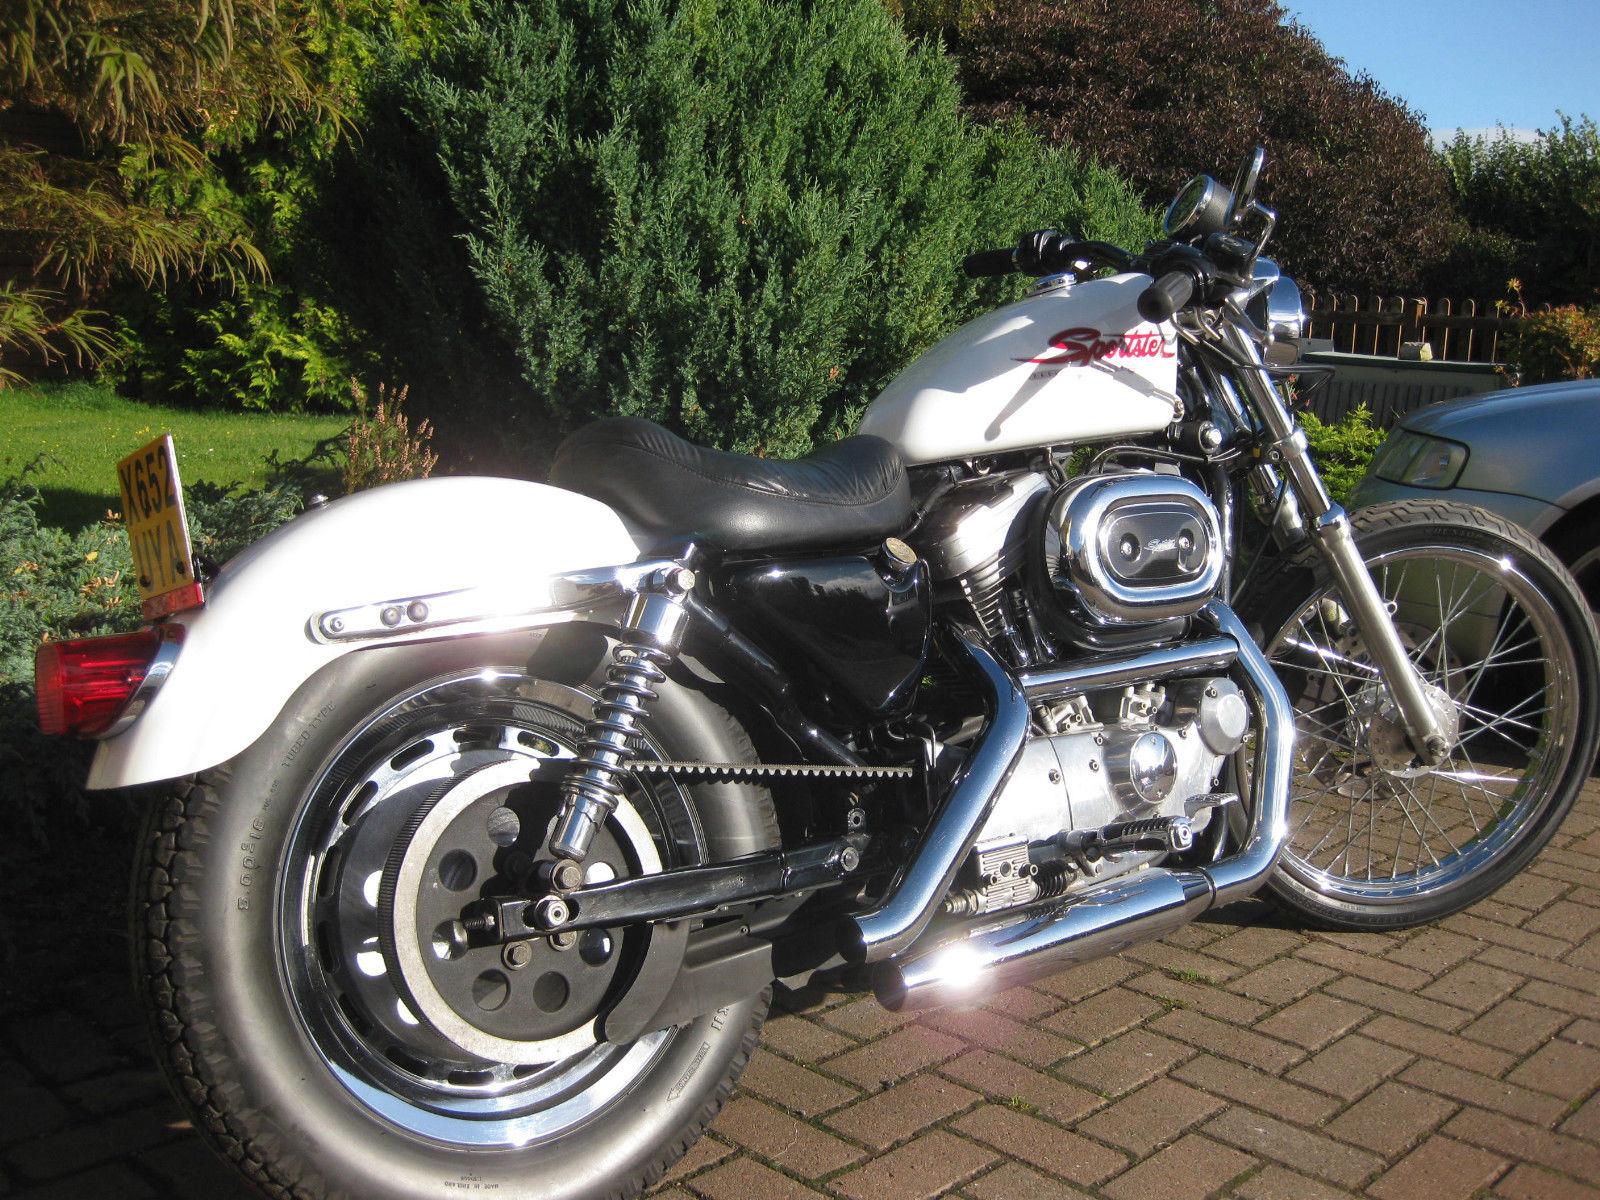 Harley sportster 883 hugger bobber